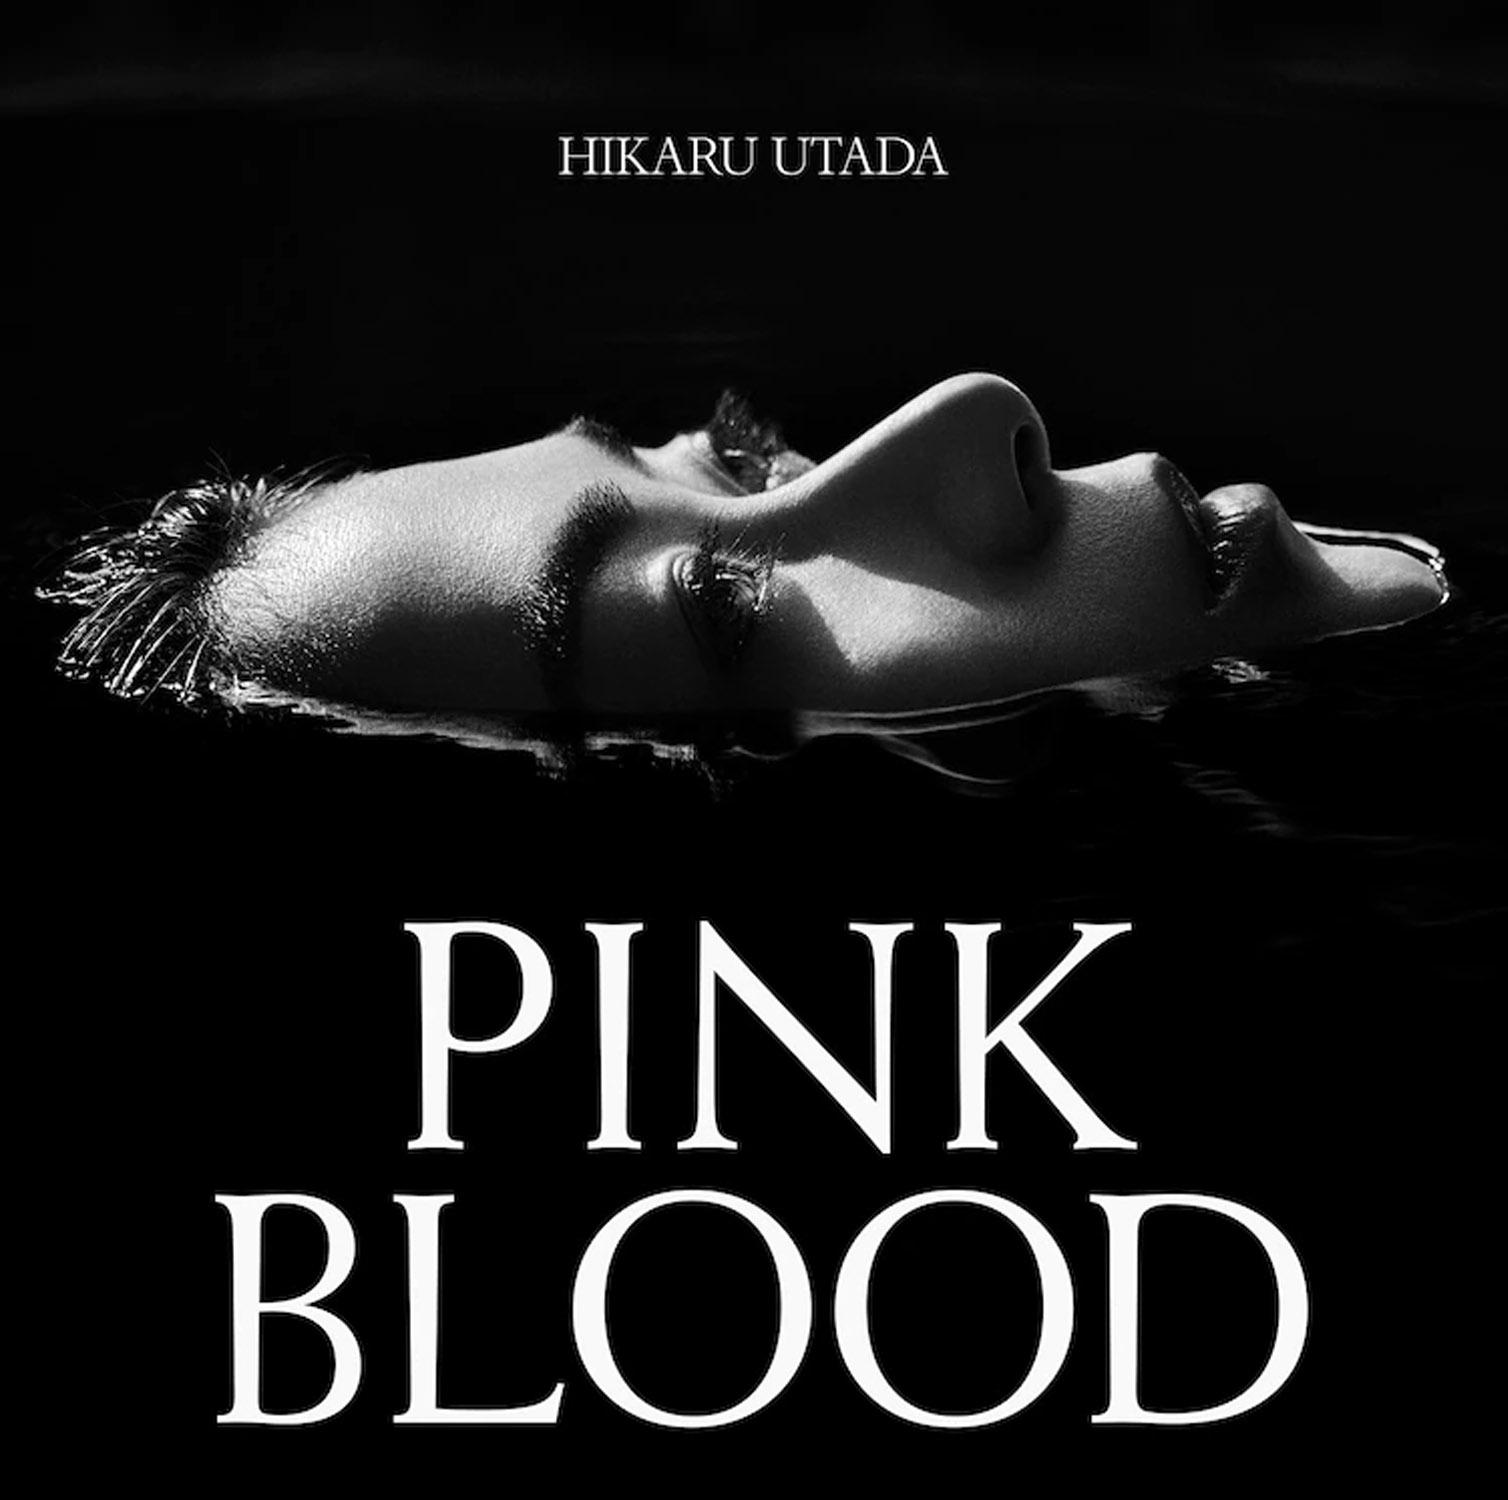 宇多田ヒカル - PINK BLOOD